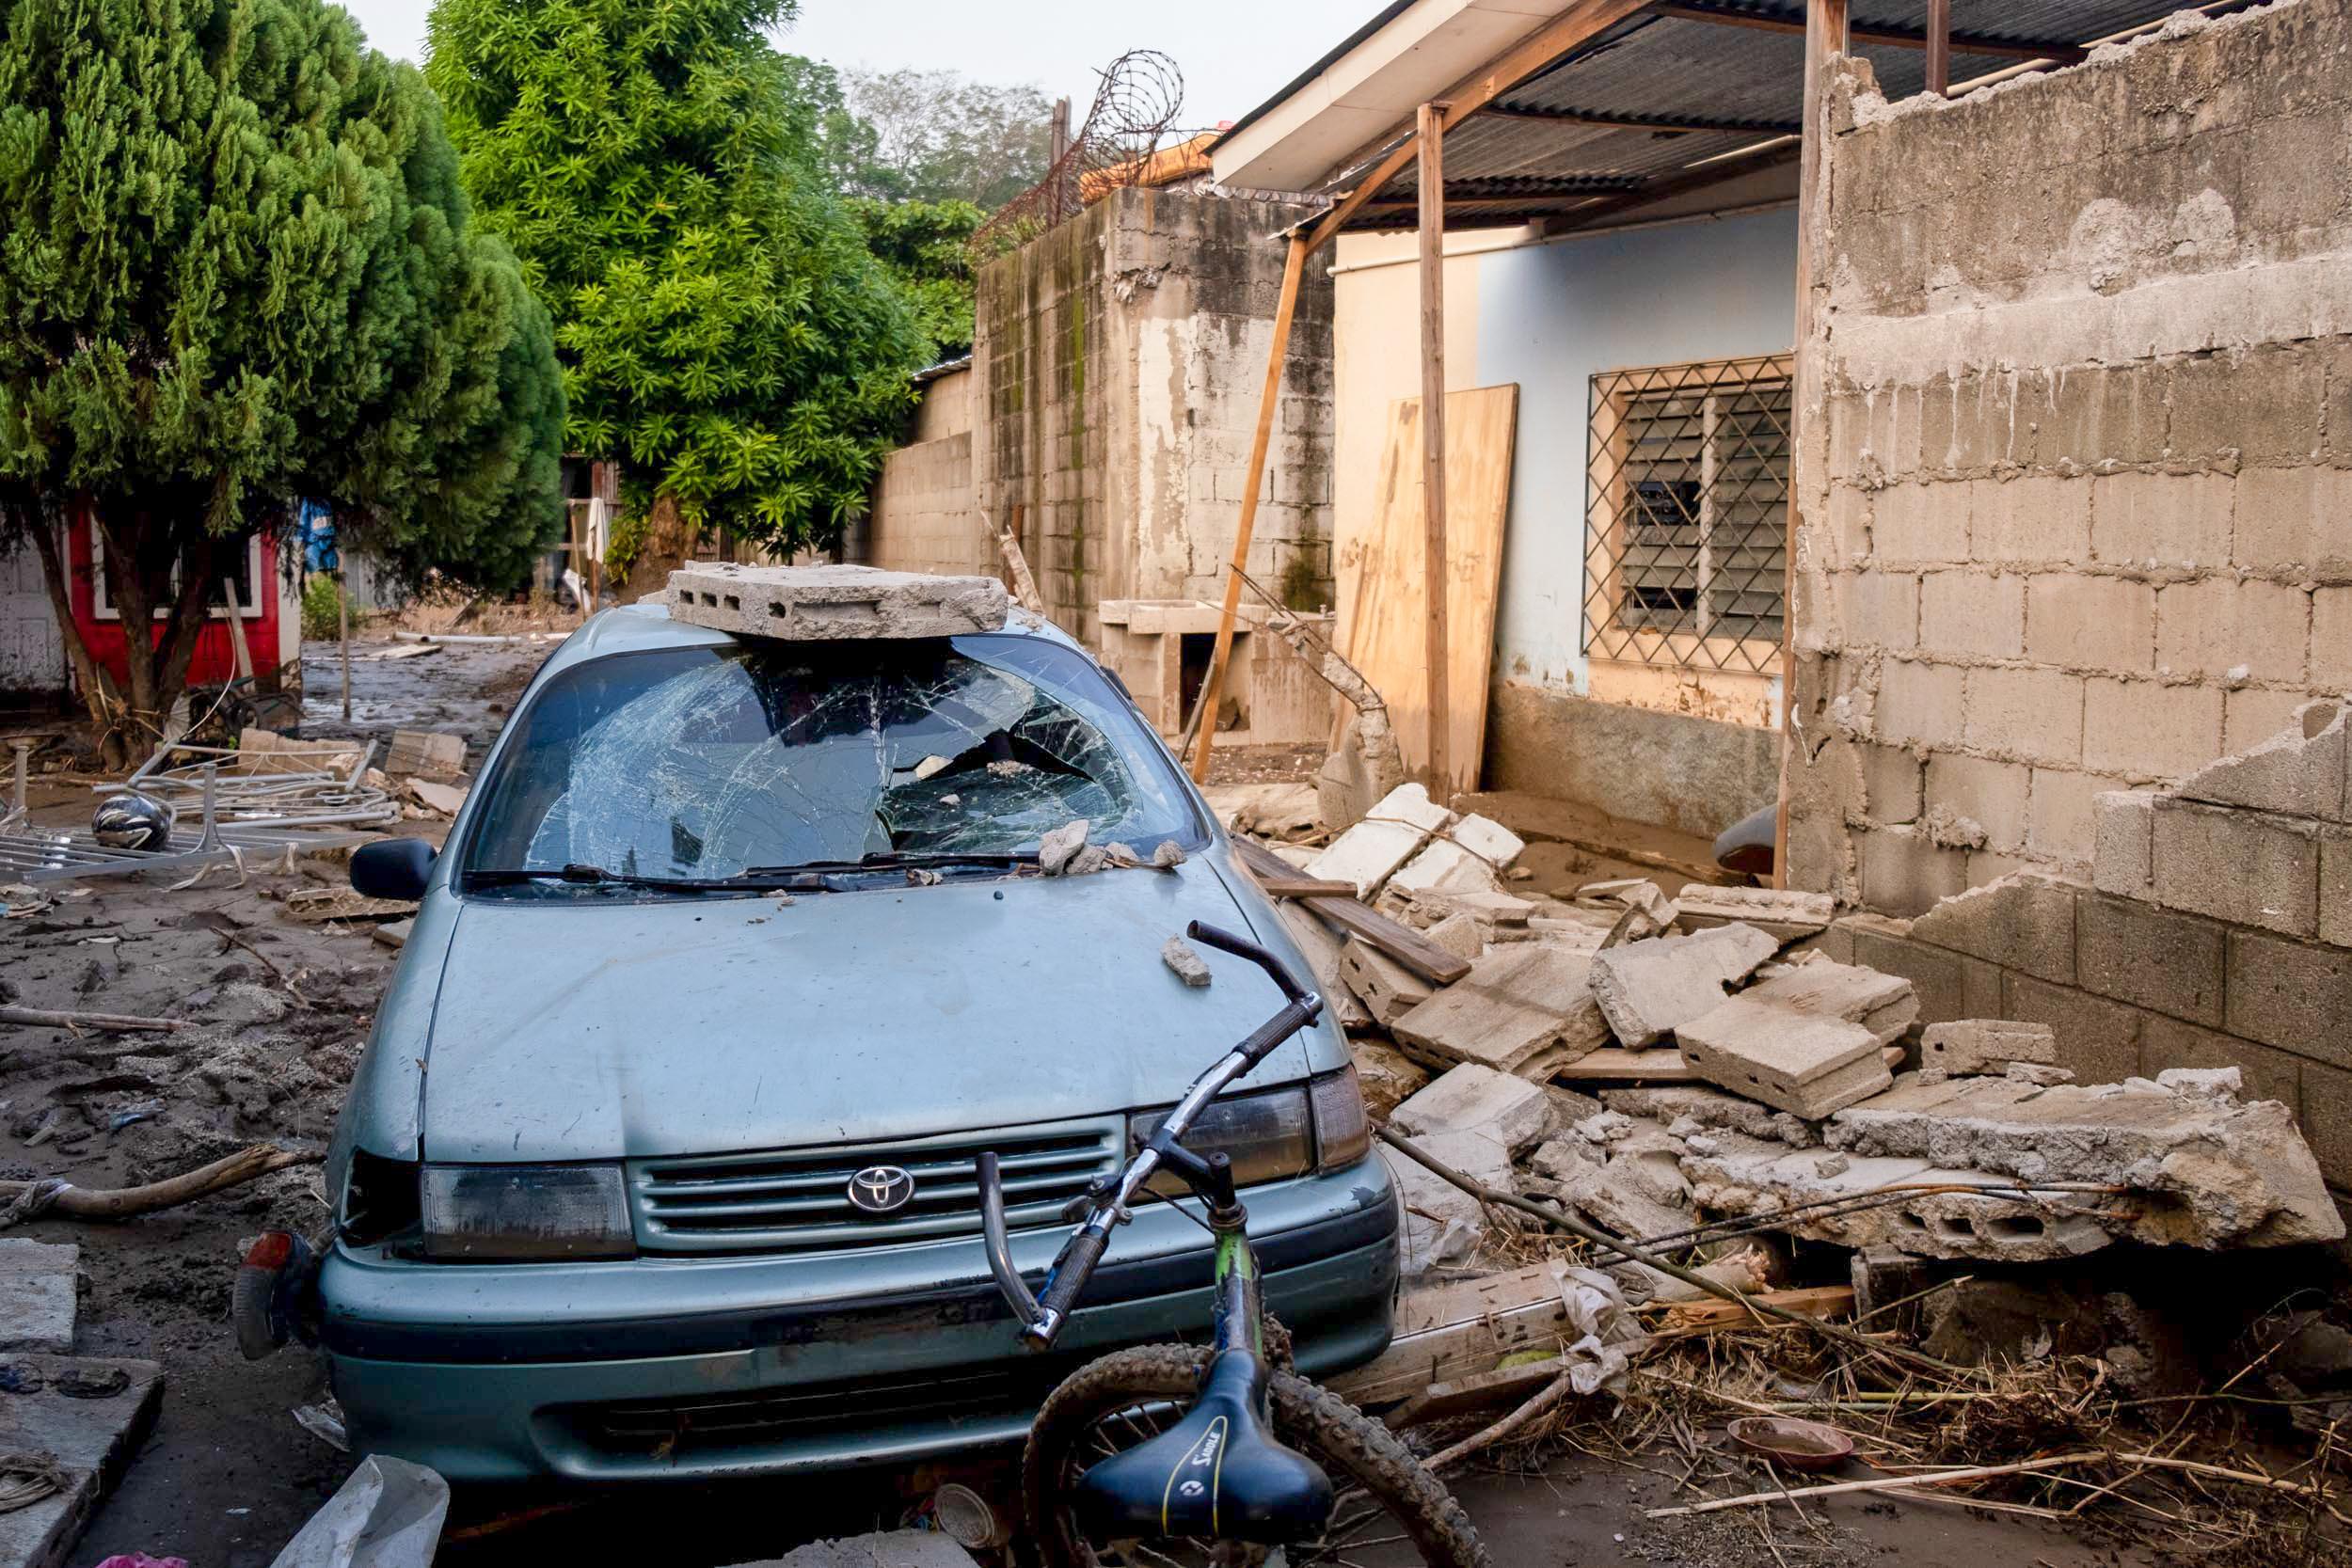 Debido a la fuerza del agua producto de la inundación este muro cedió y parte de él cayó sobre un vehículo. San Pedro Sula, 10 de noviembre de 2020. Foto, Deiby Yanes.